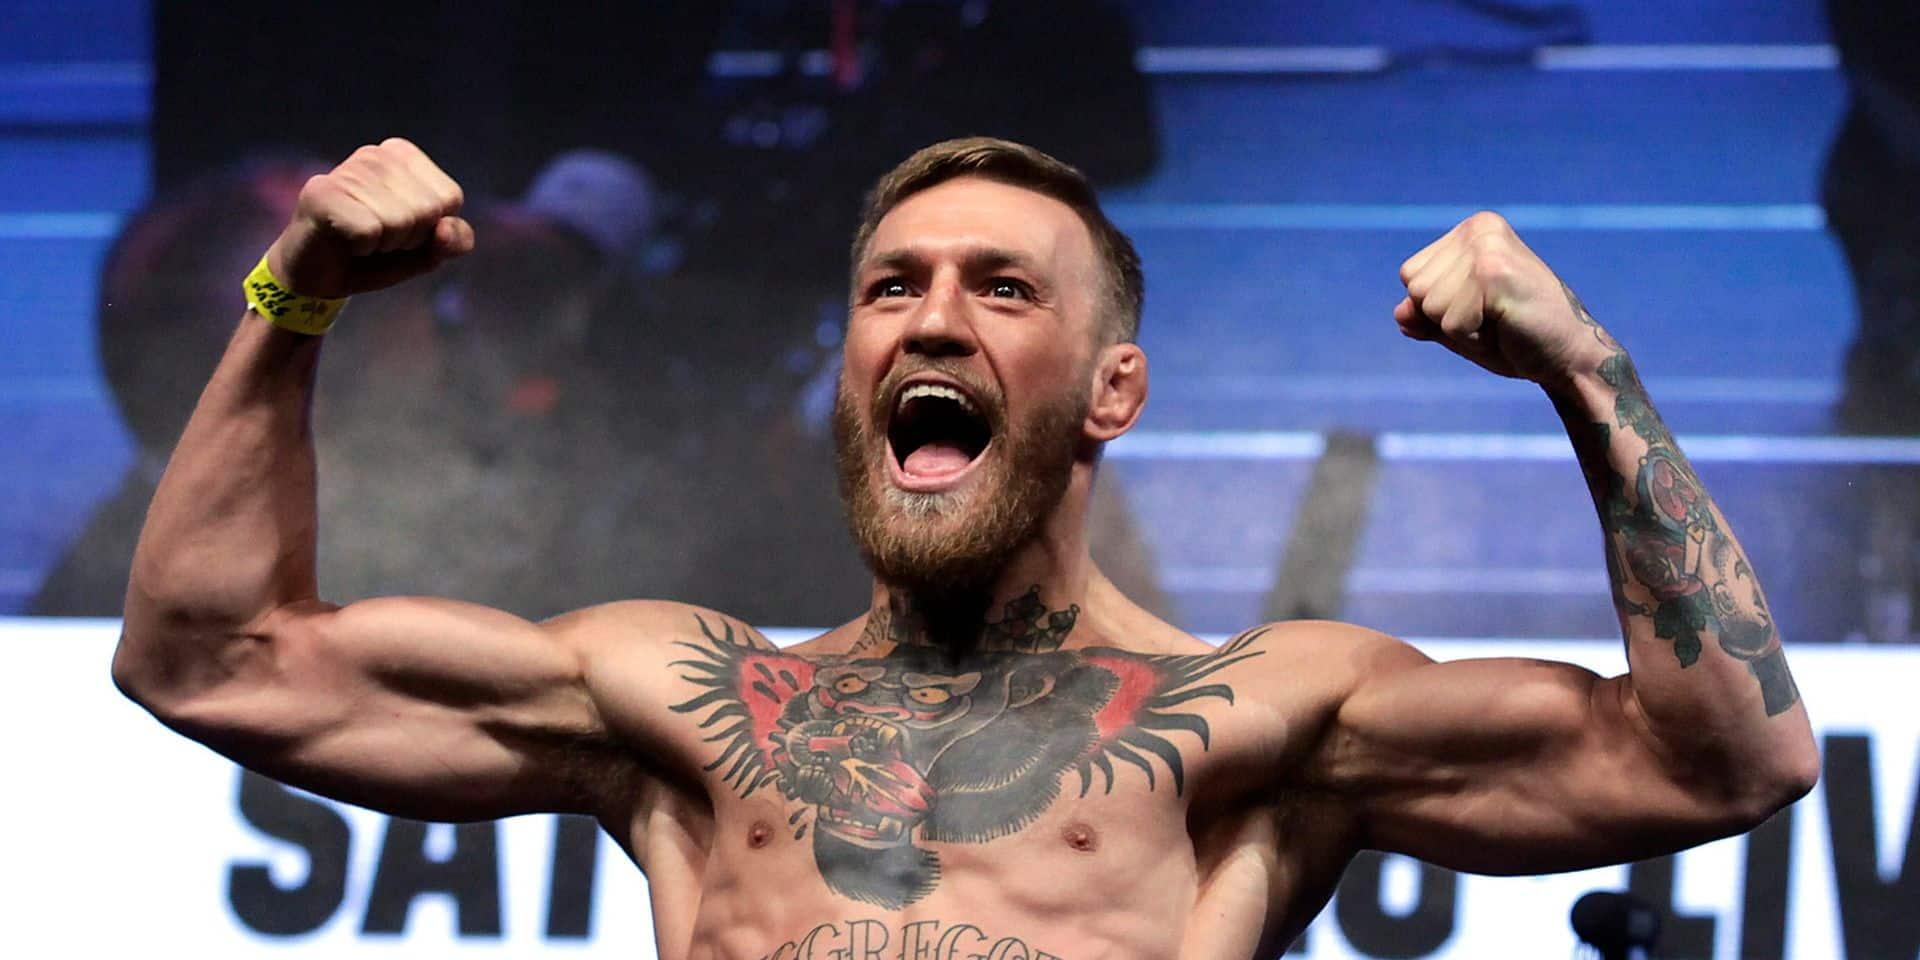 La star irlandaise de MMA Conor McGregor remise en liberté